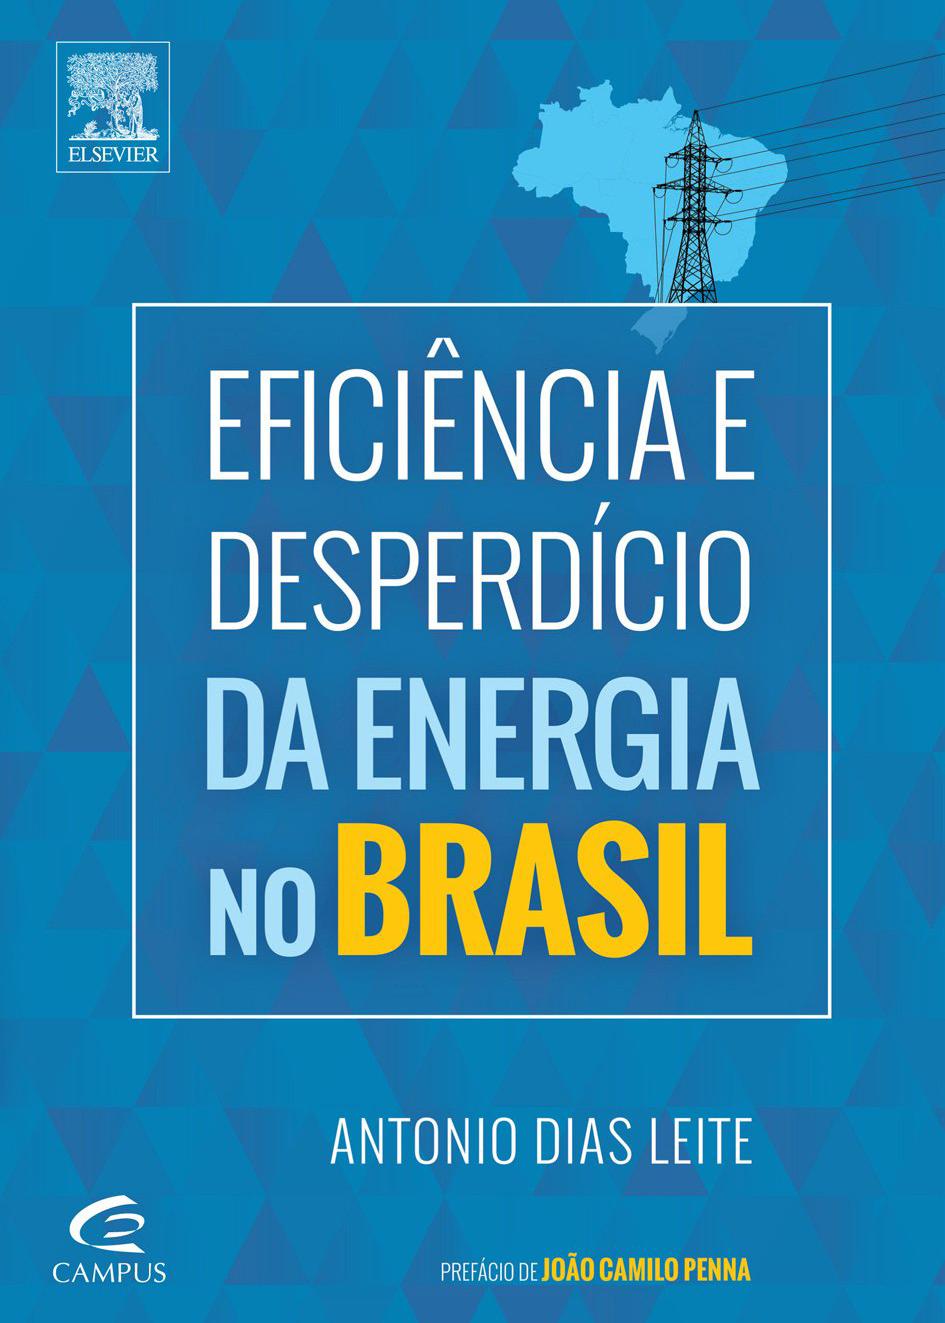 Leite, Antonio - Eficiência e Desperdício da Energia no Brasil.jpg